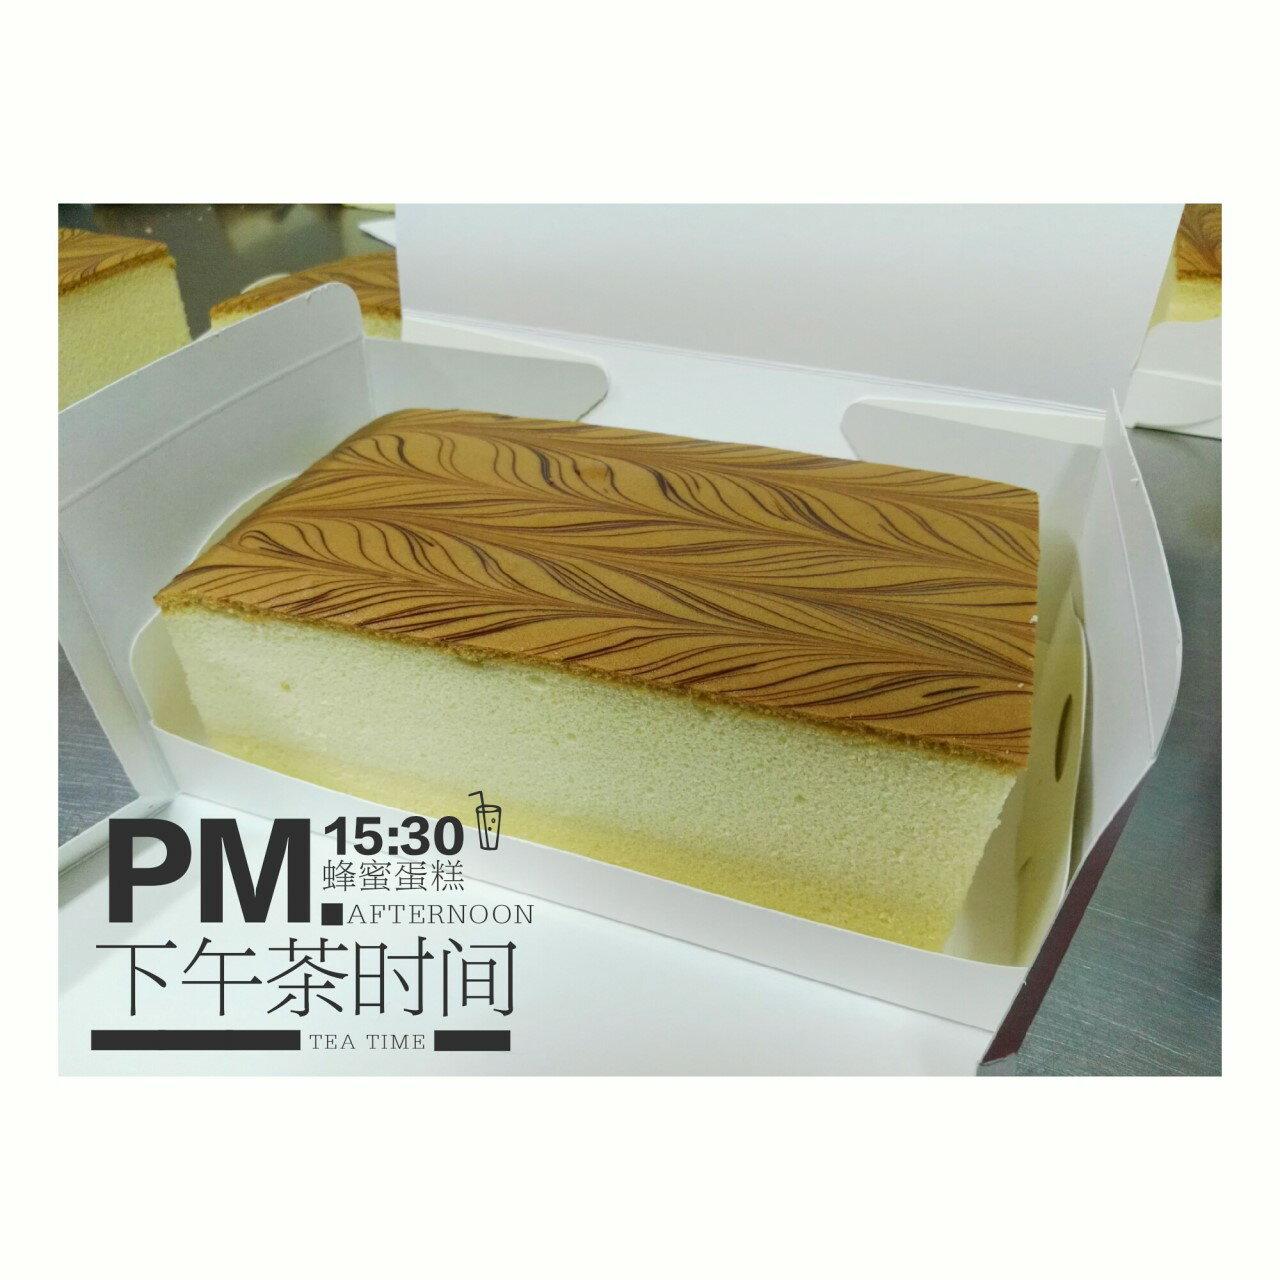 霏霏翔翔幸福甜點~ 1~2條下單區 純正龍眼蜜, 蜂蜜蛋糕.部落客強力 ~你一定要吃看看